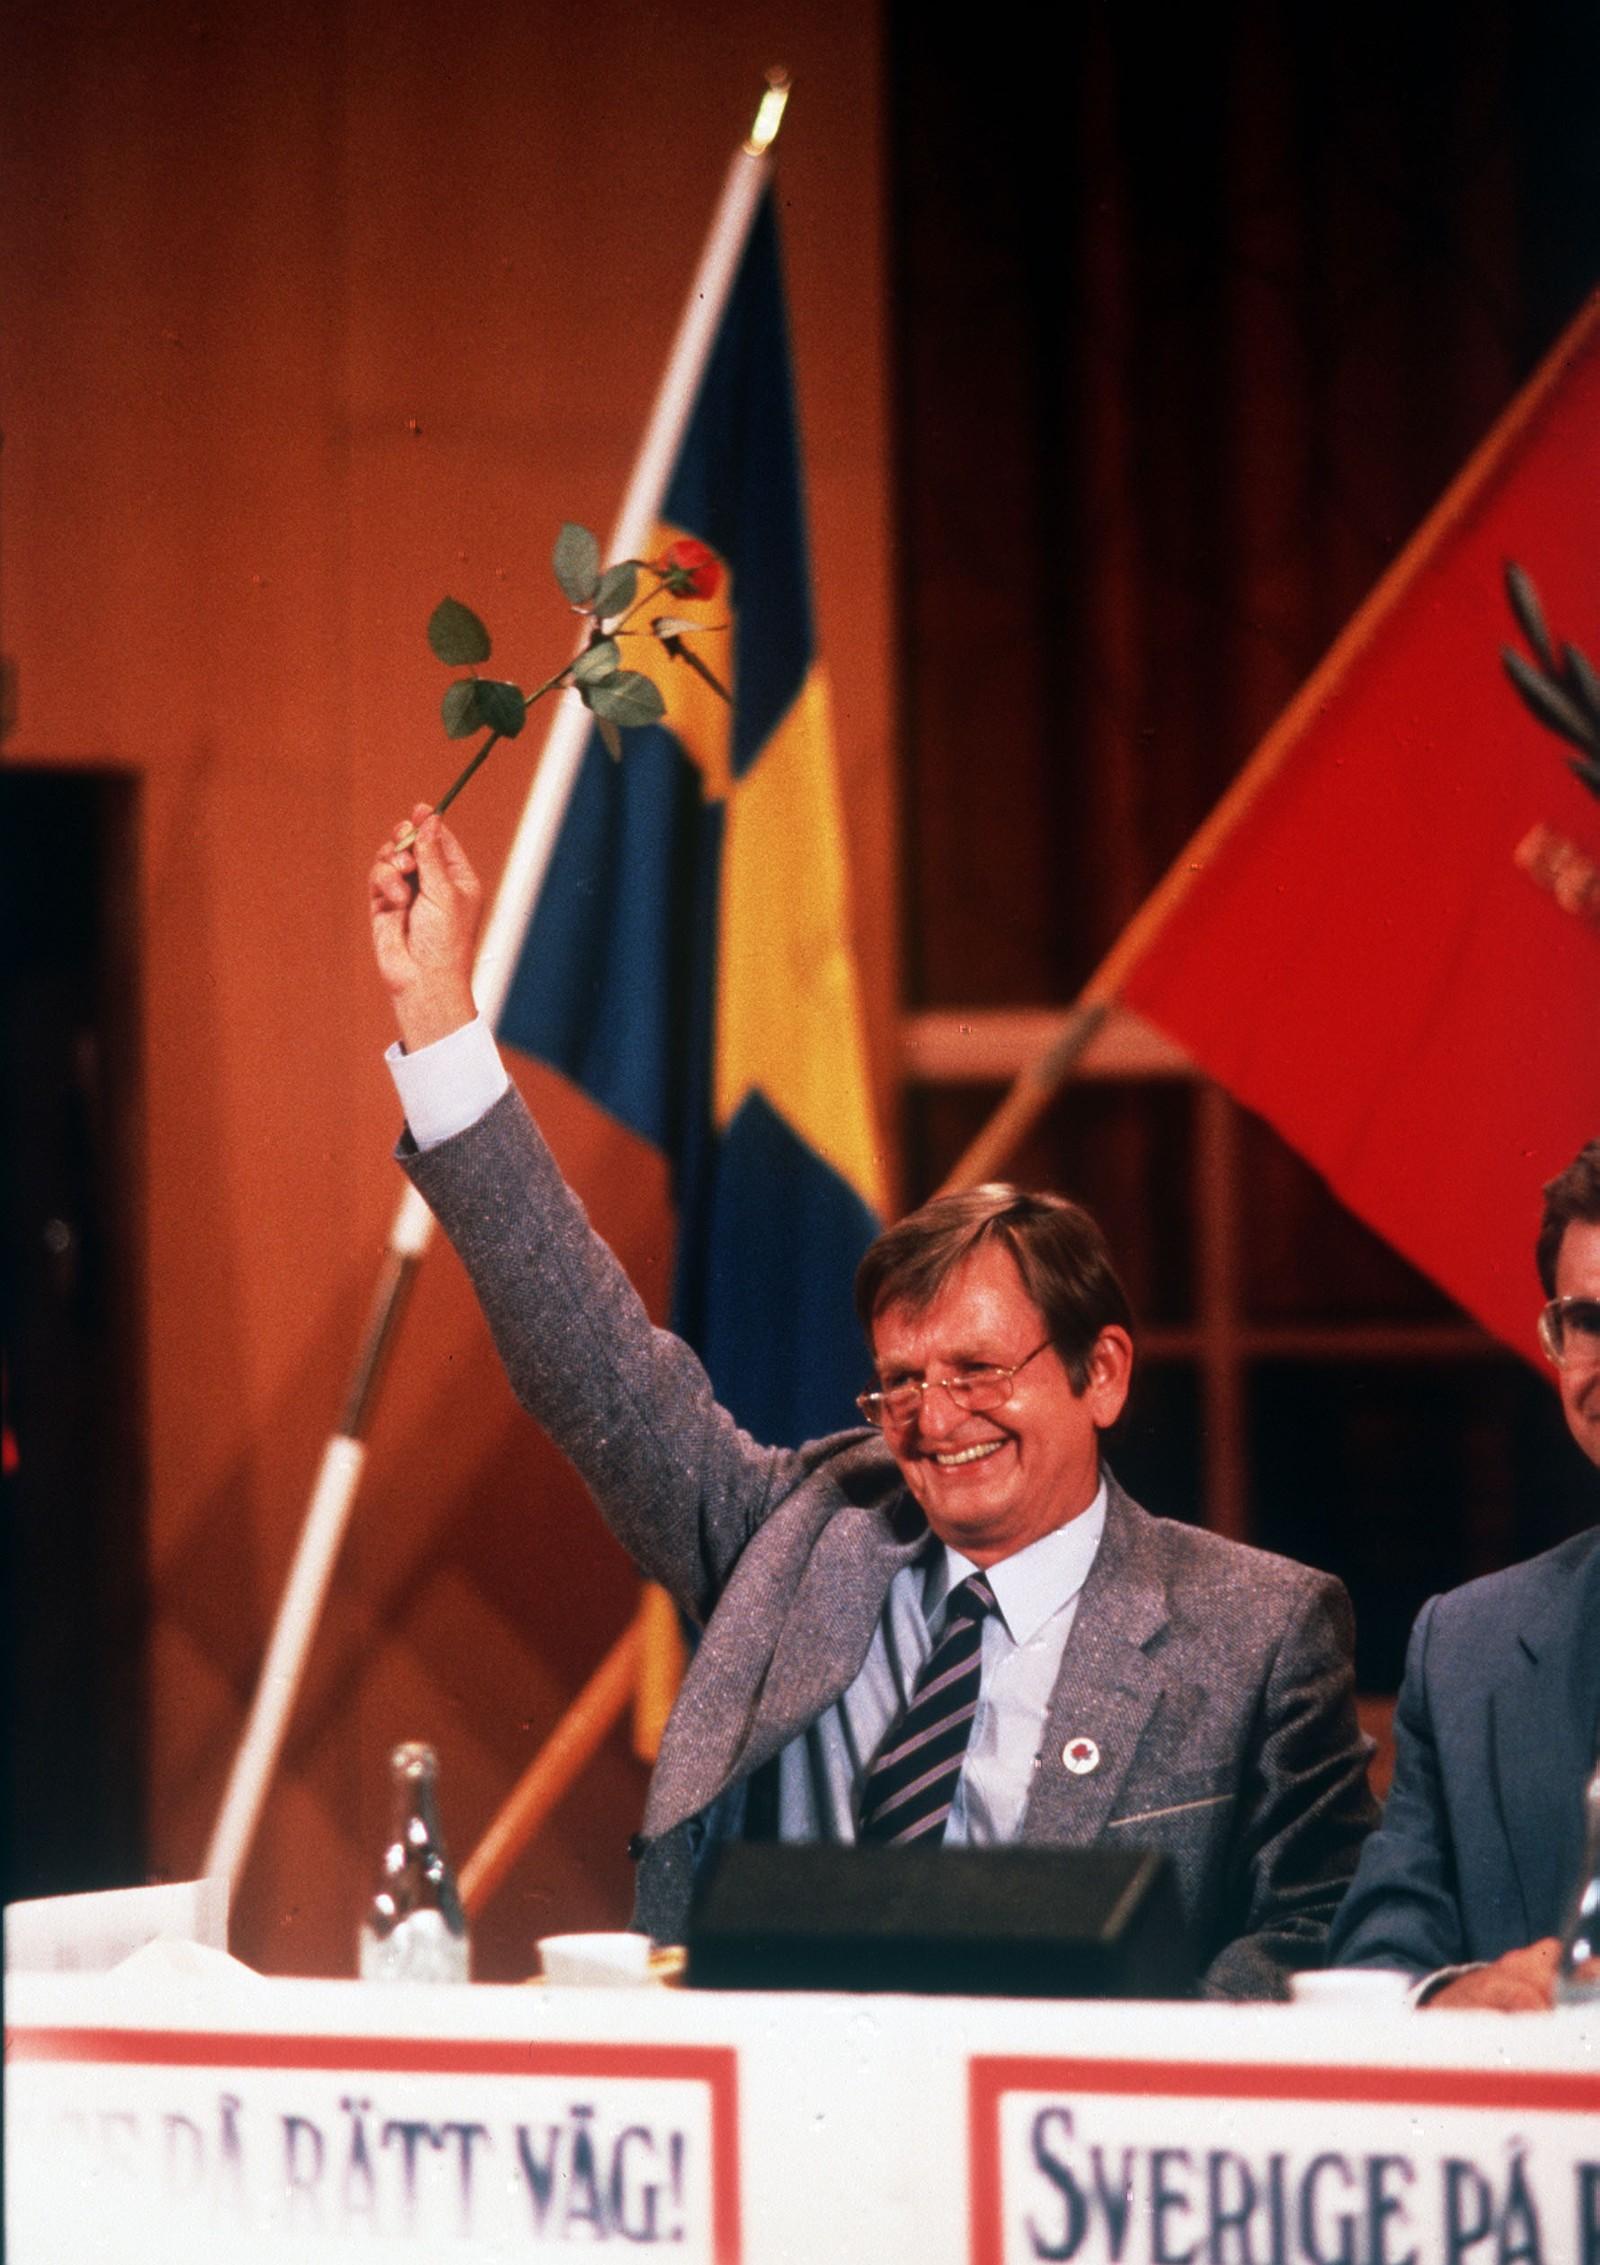 Sosialdemokraten Olof Palme vifter med en rose 28-08-1985.